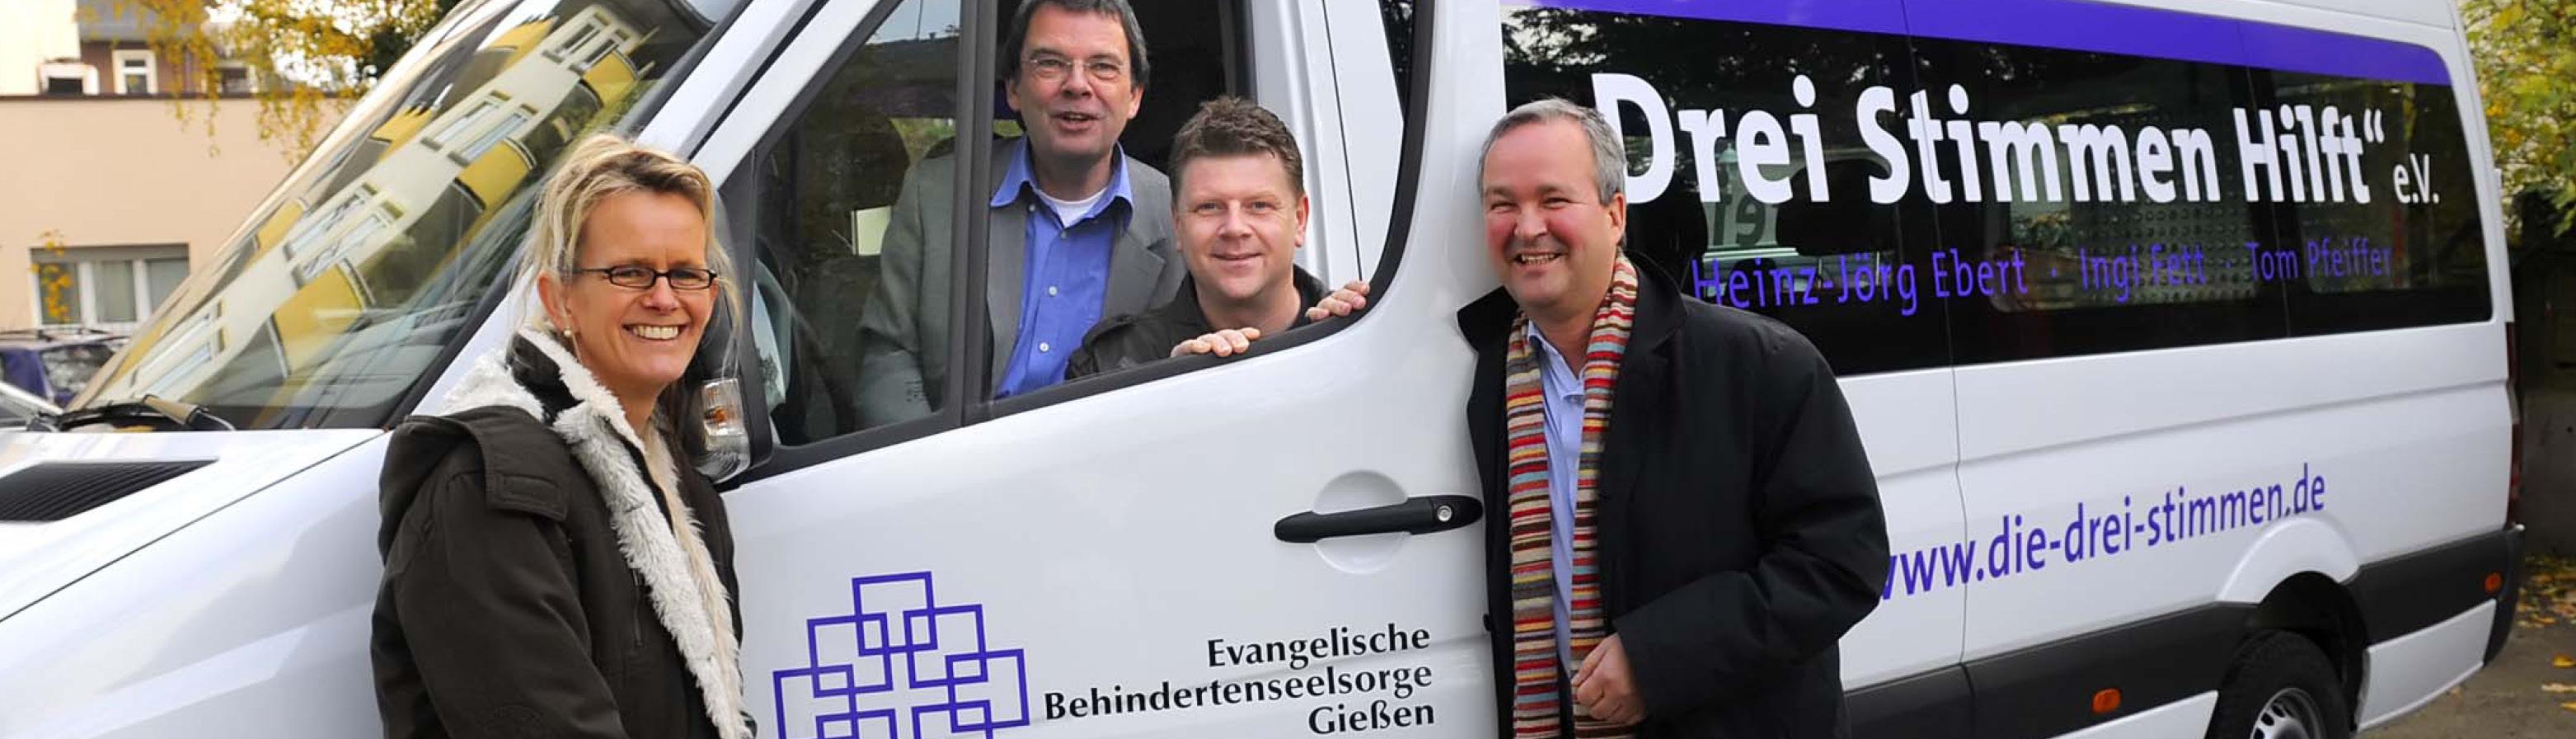 Die Drei Stimmen: Ingi Fett, Heinz-Jörg Ebert und Tom Pfeiffer gemeinsam mit Pfarrer Armin Gissel vor dem drei Stimmen hilft Bus.